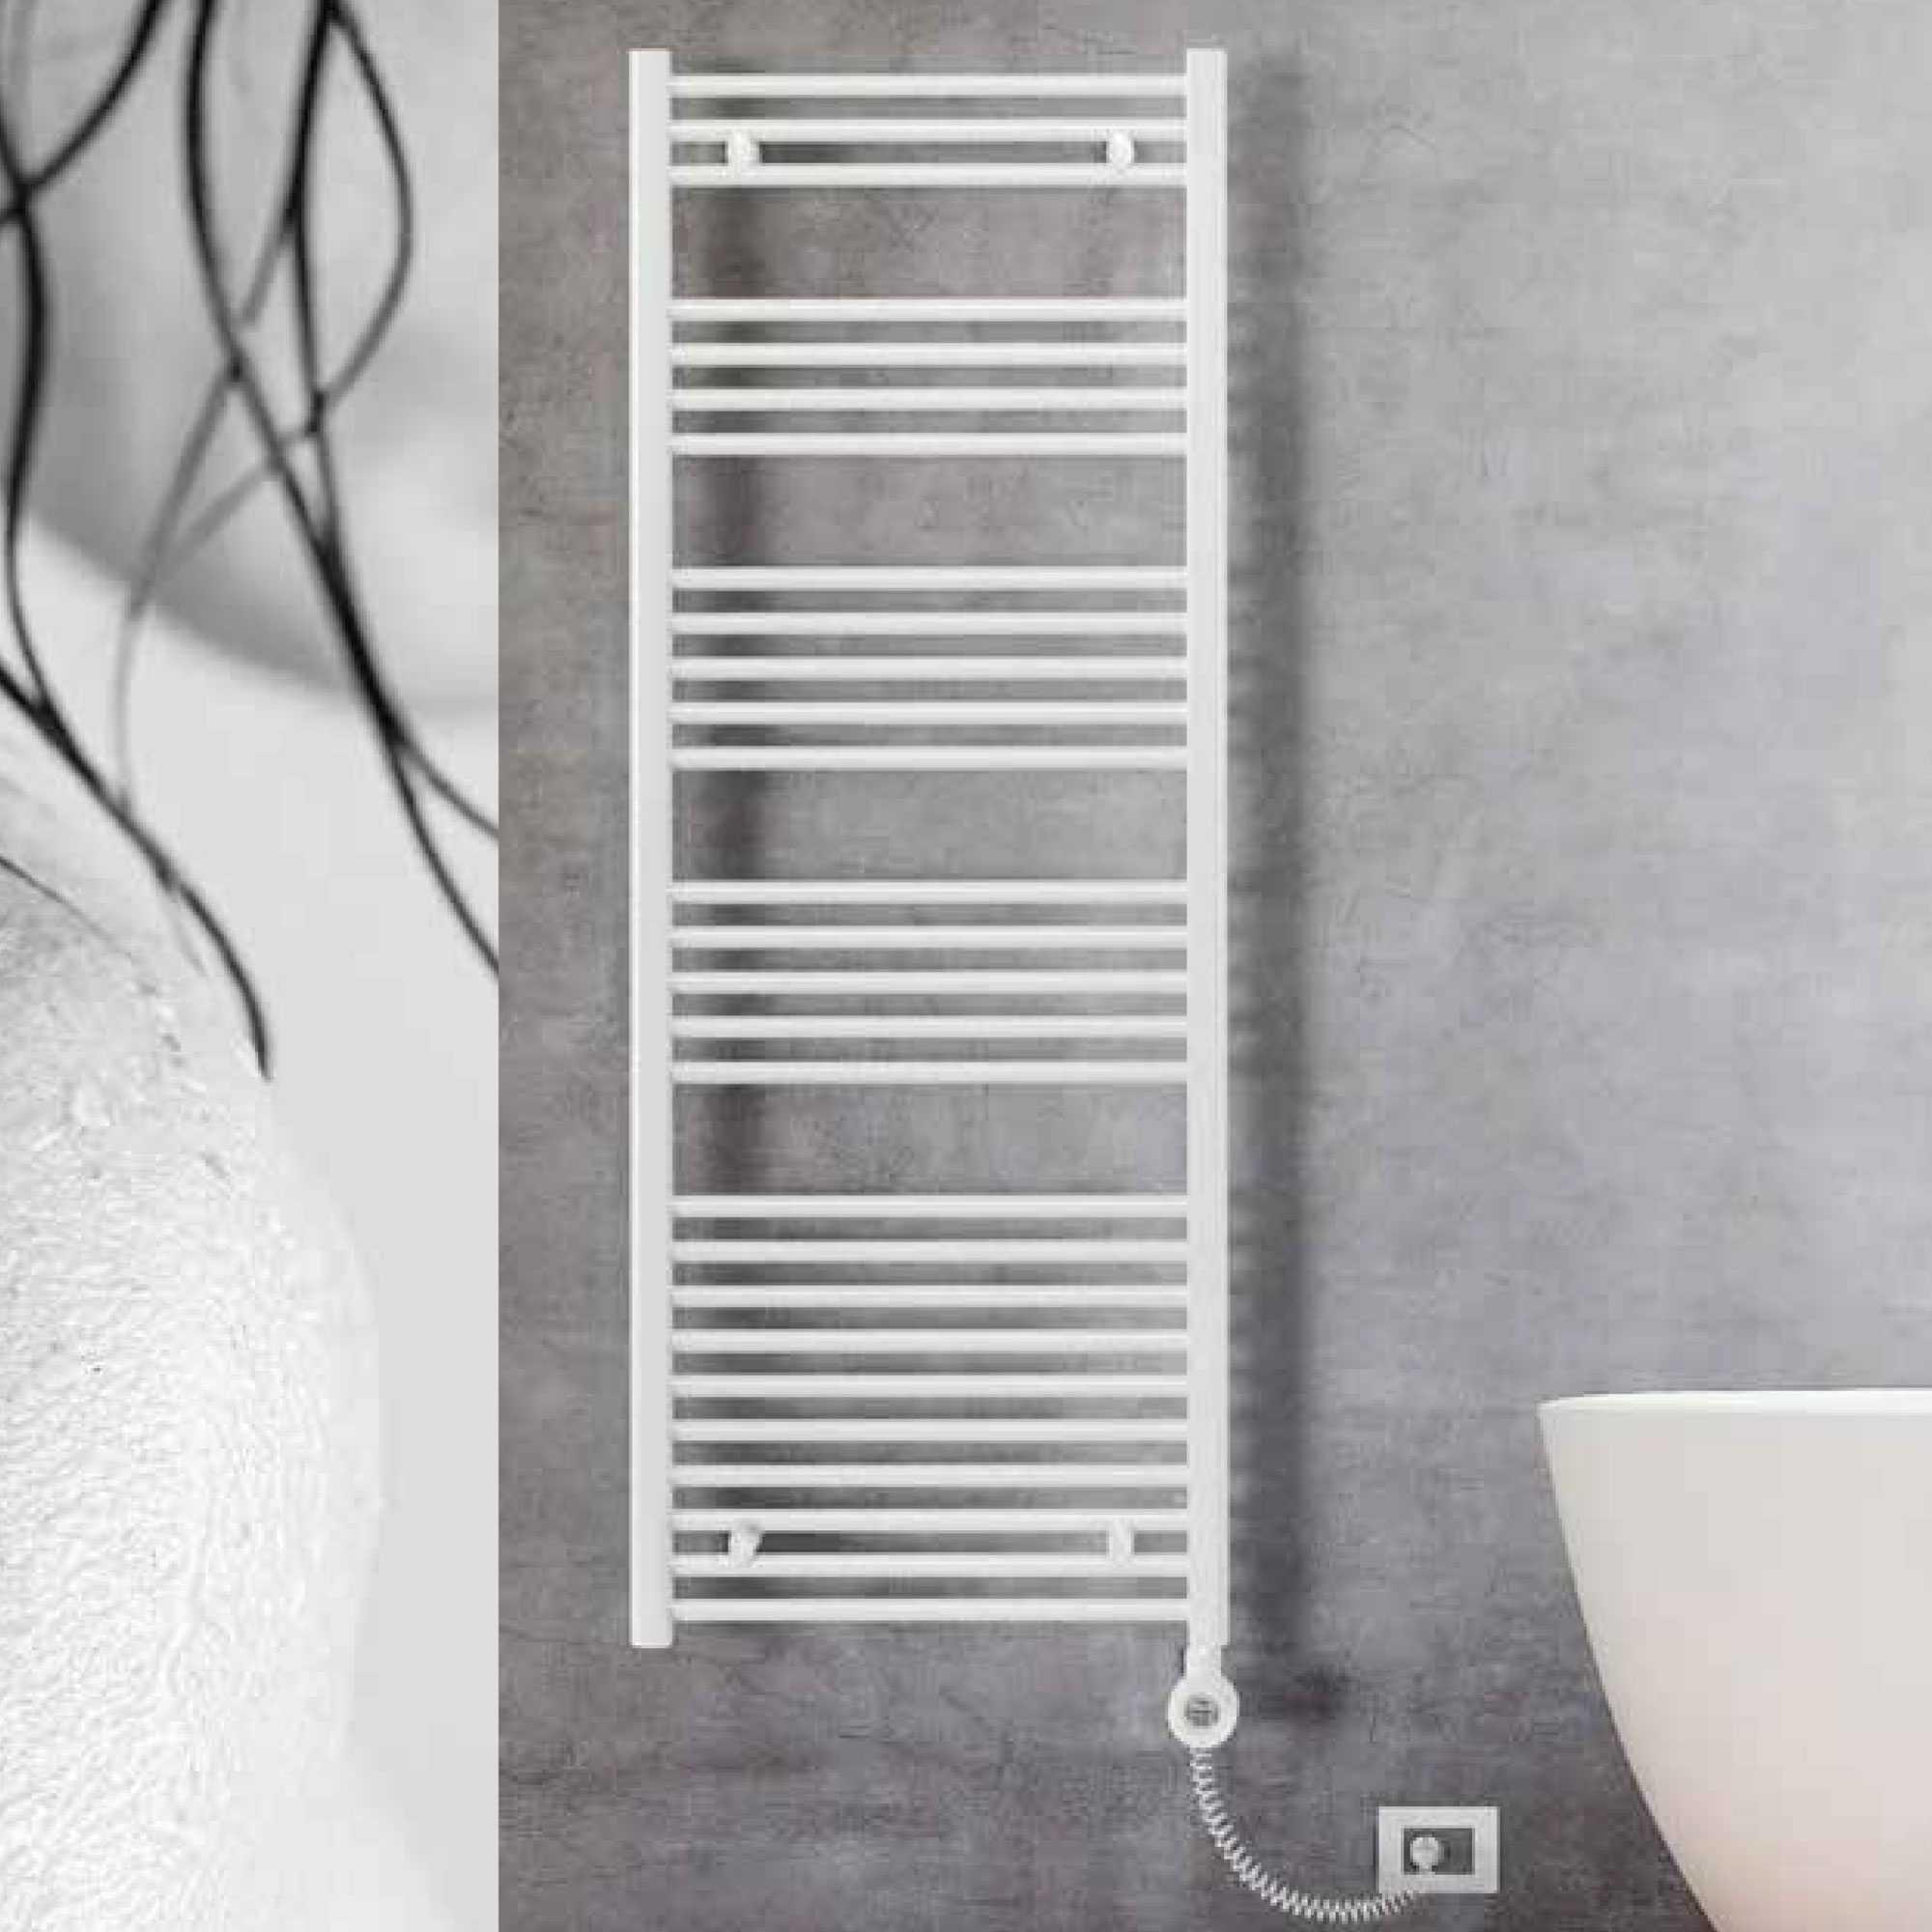 Termoarredo elettrico bianco 1800x500 Lazzarini E-Bolzano 900 watt con altezza 1800 mm e termostato